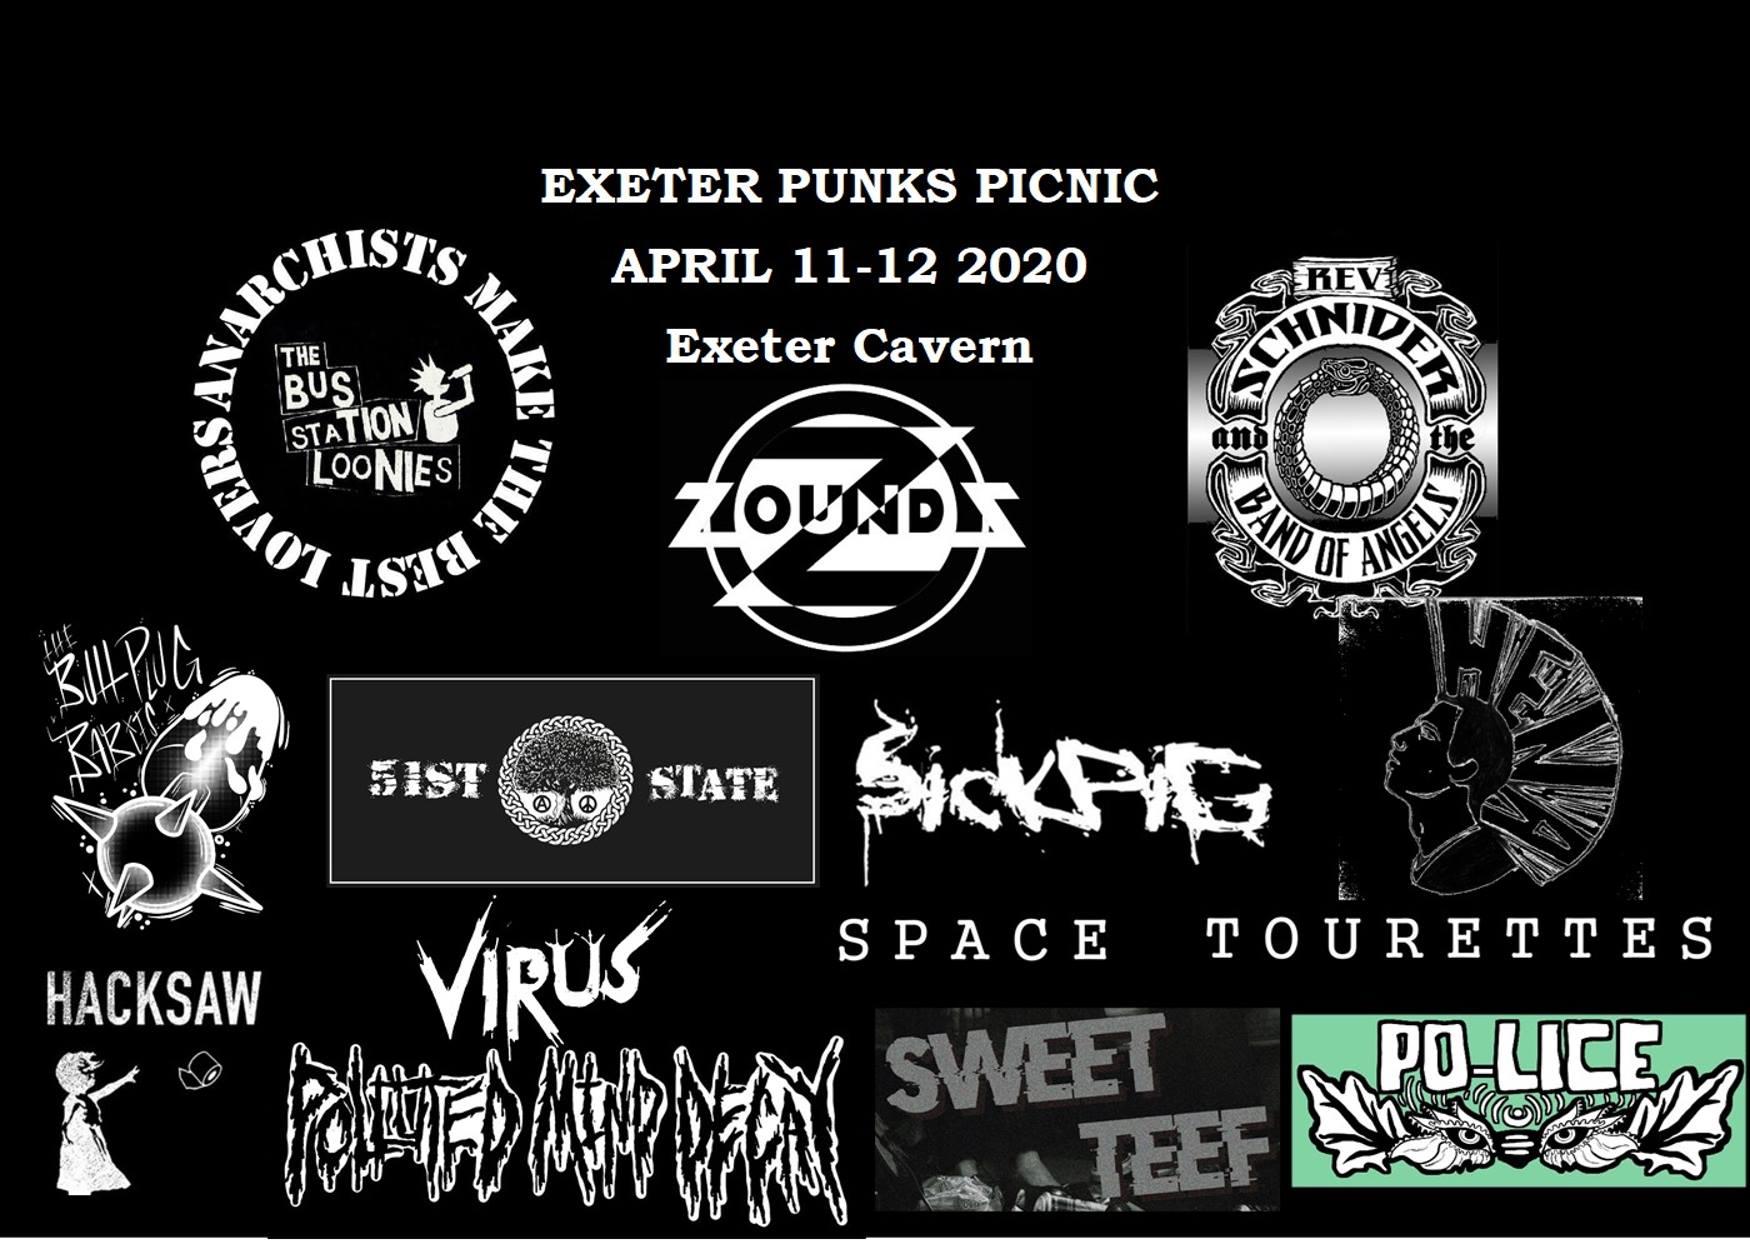 Exeter Punks Picnic 2020